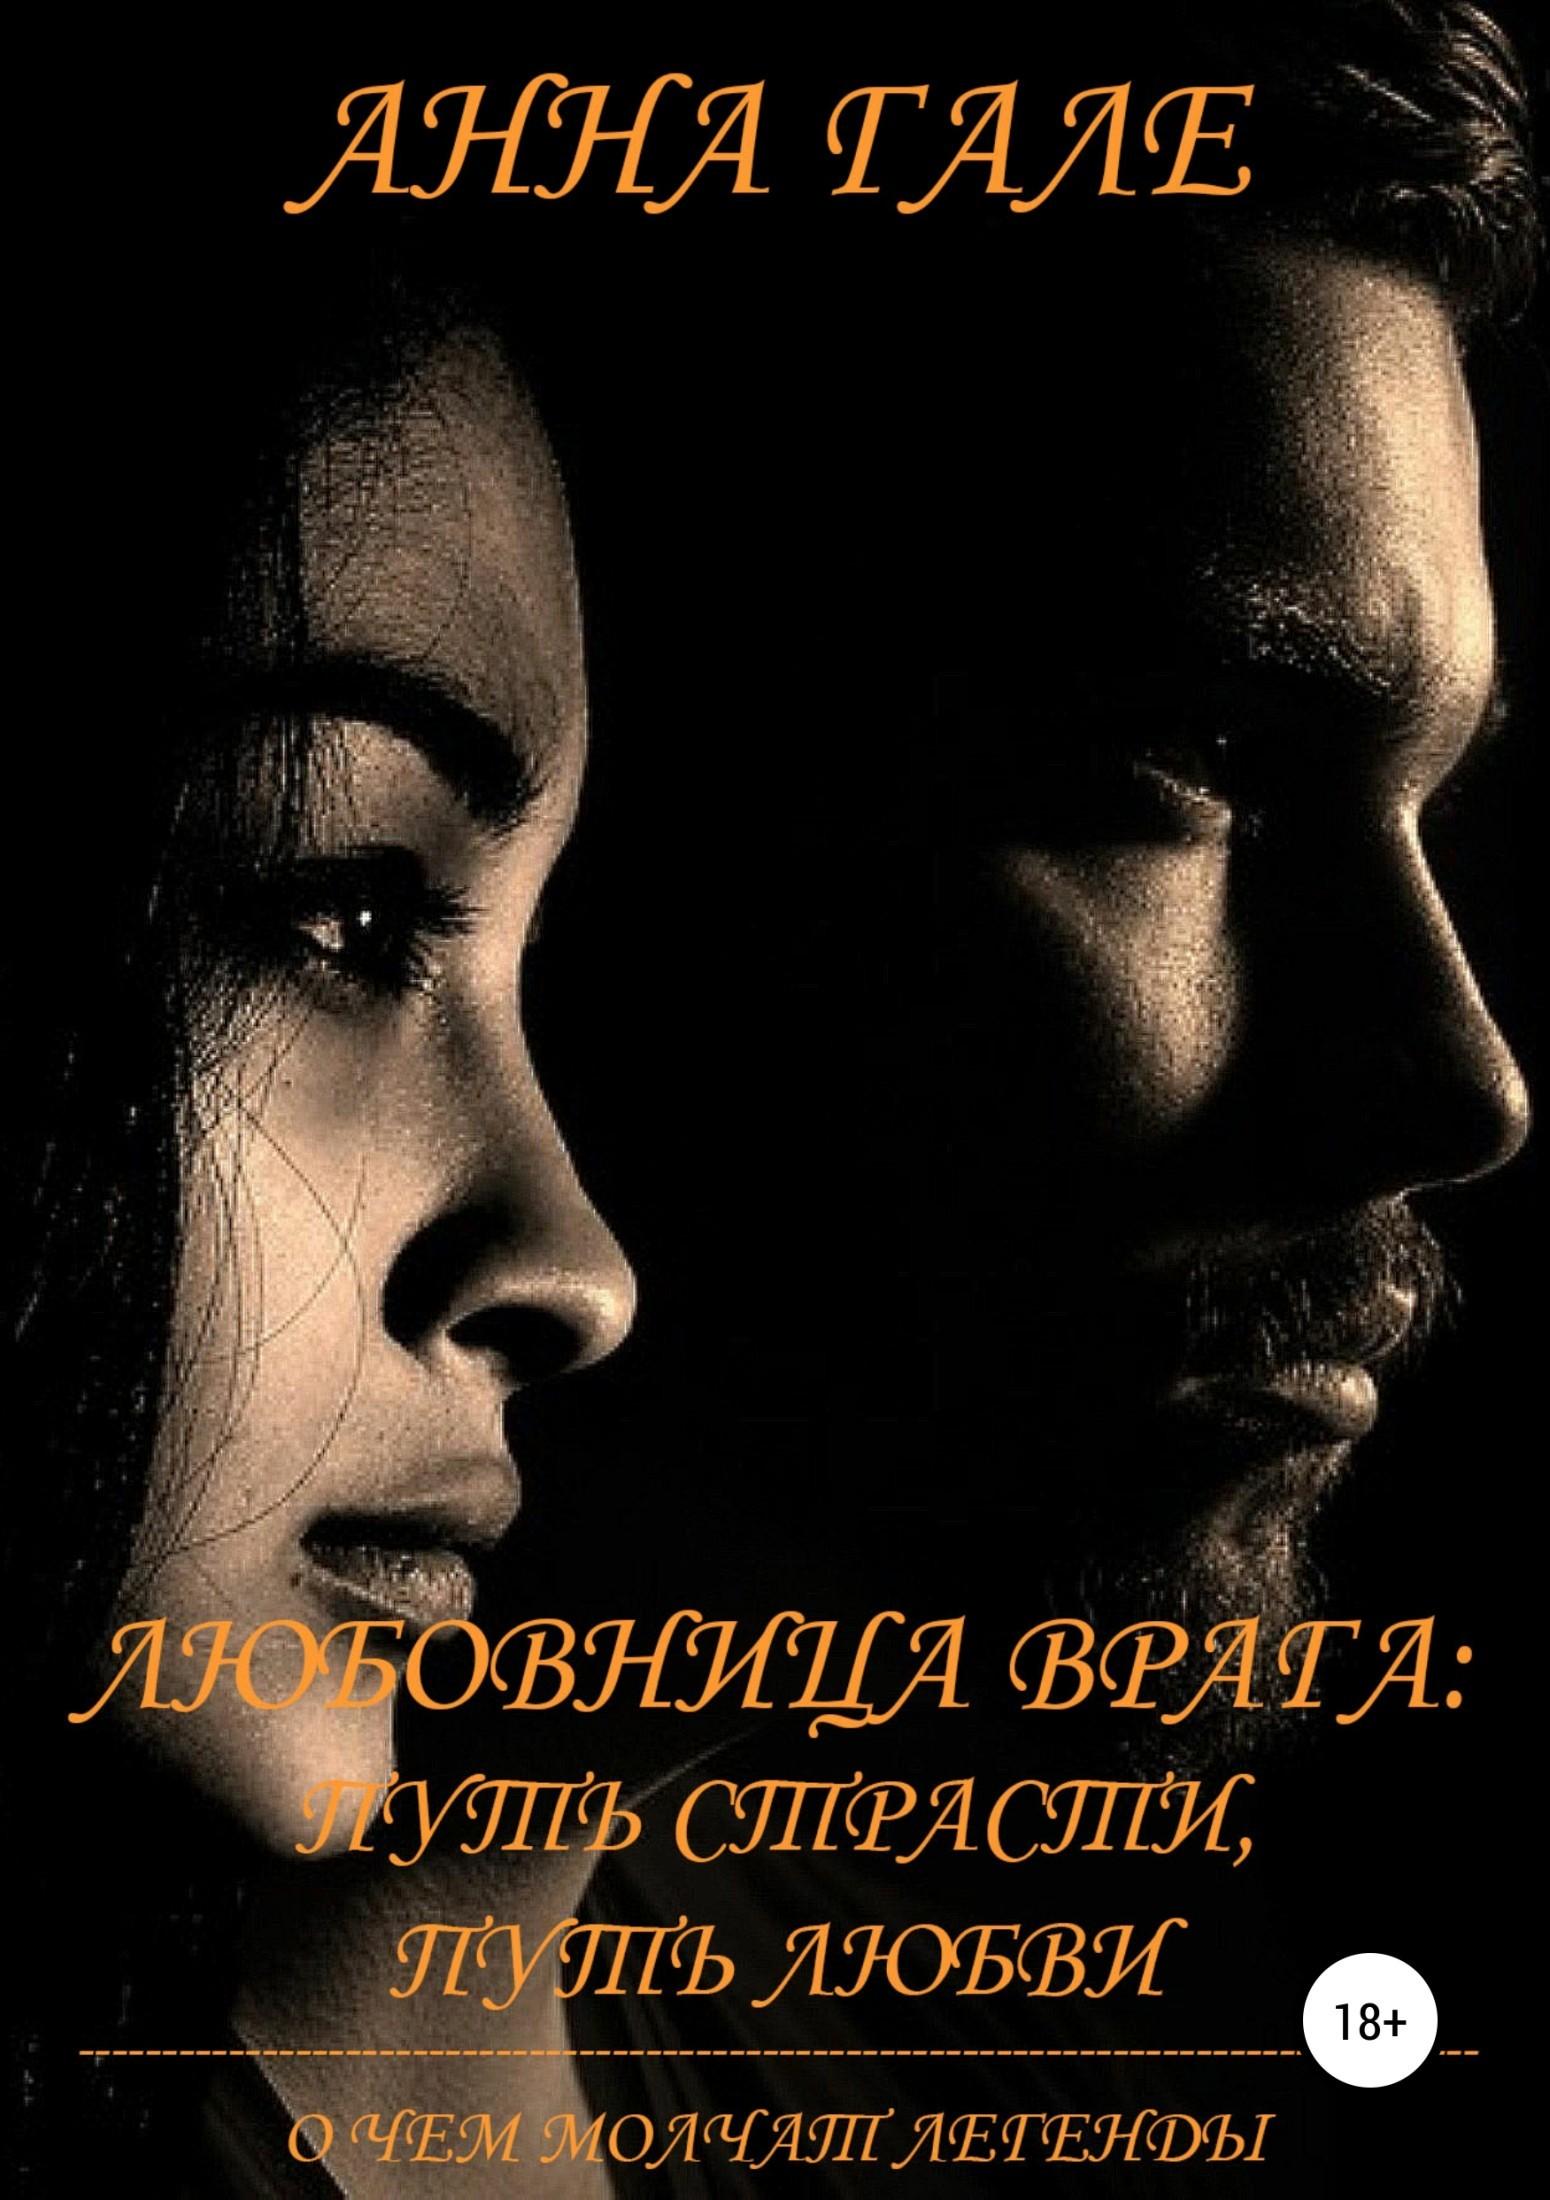 Анна Гале О чем молчат легенды. Любовница врага: путь страсти, путь любви